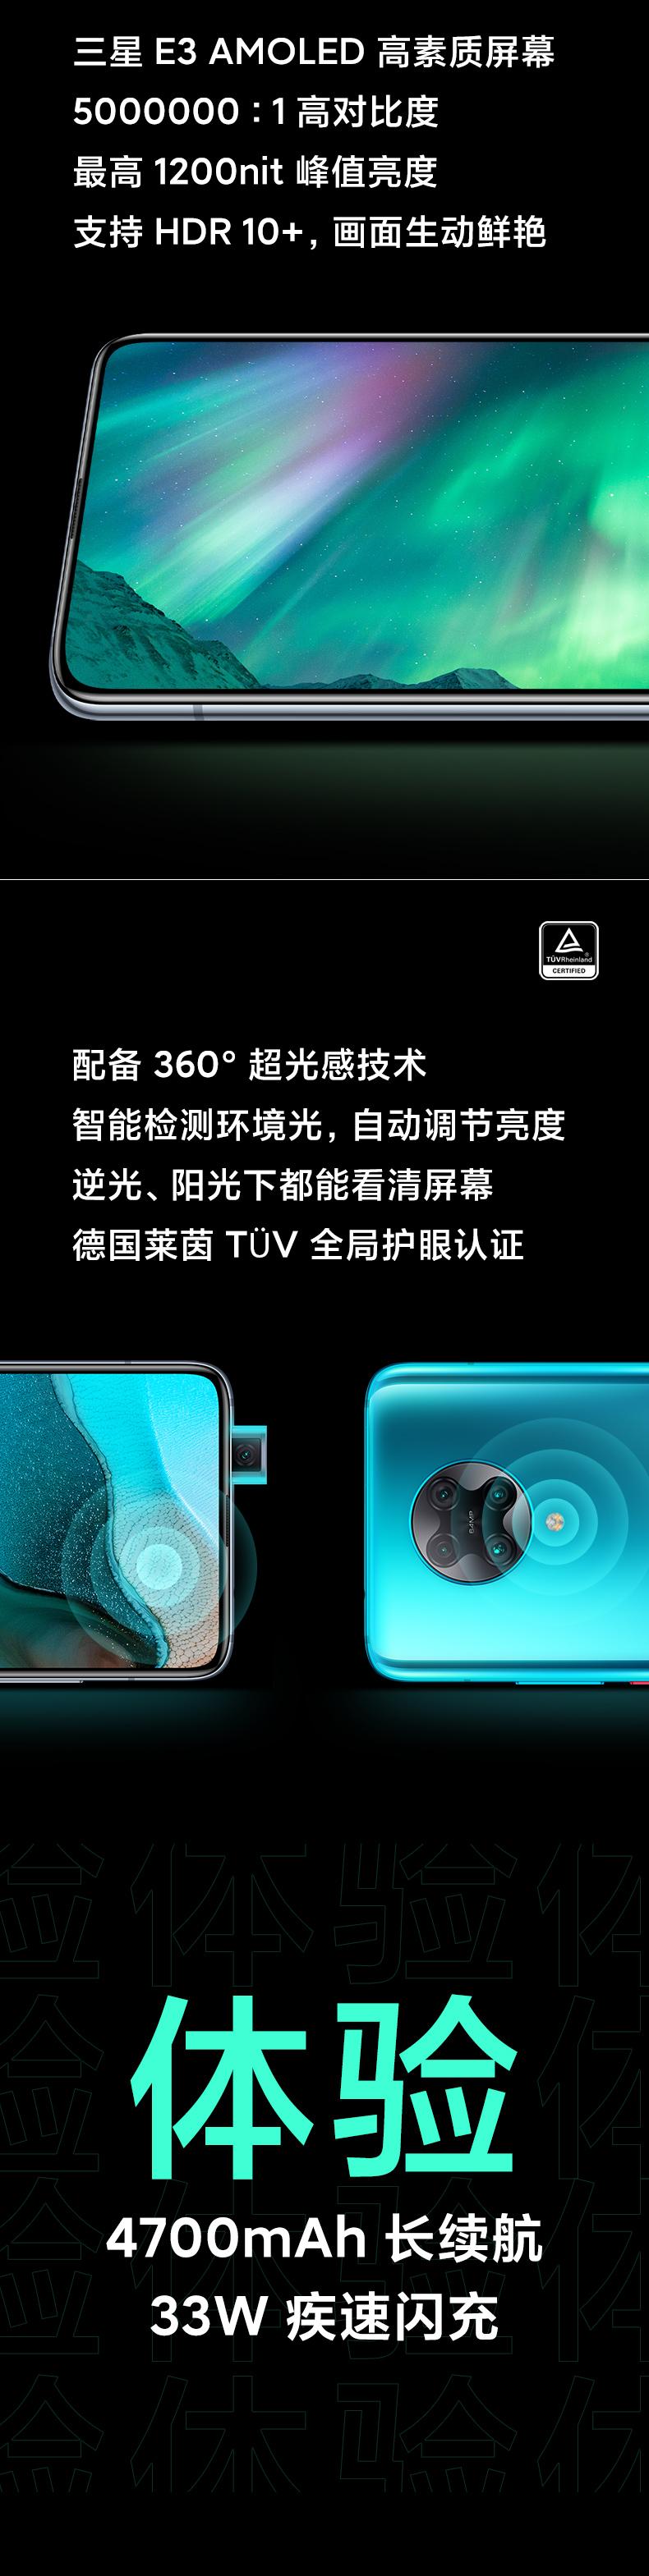 Redmi K30 Pro免费试用,评测